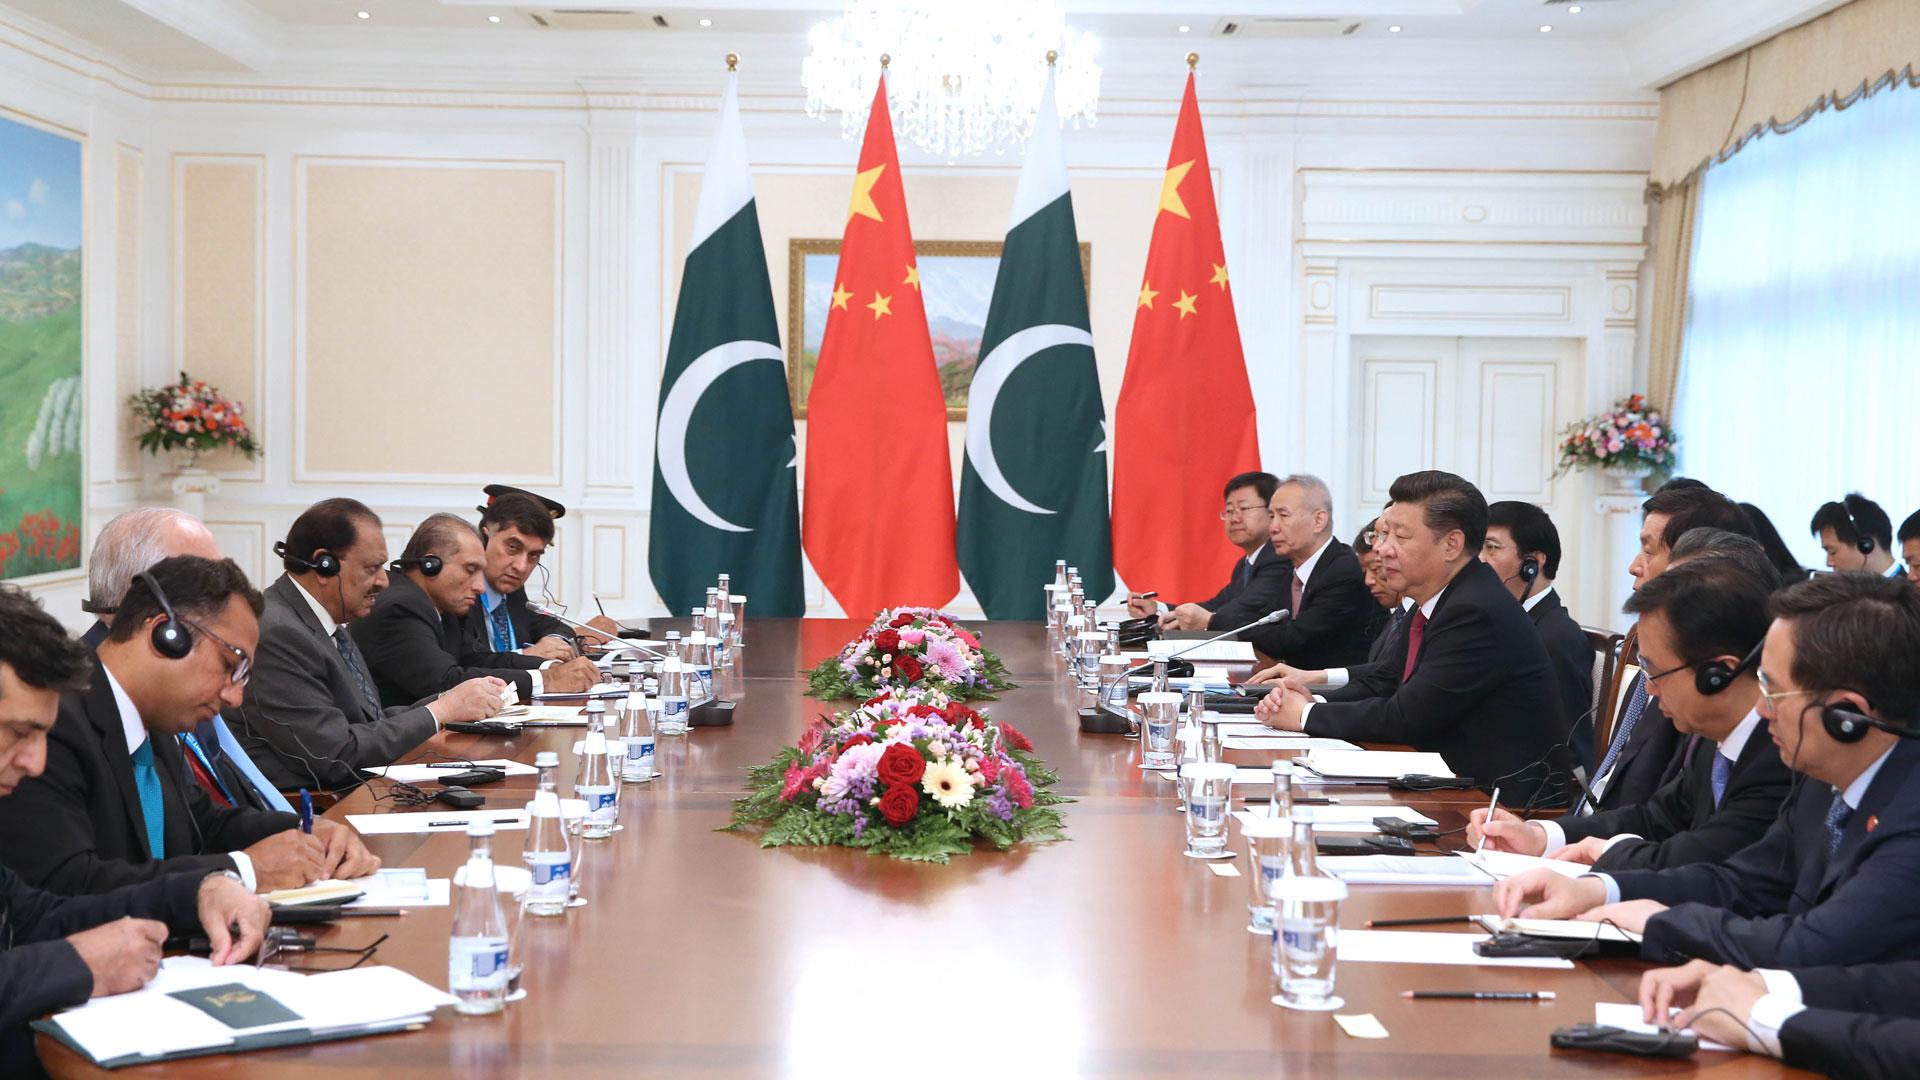 習近平會見巴基斯坦總統侯賽因